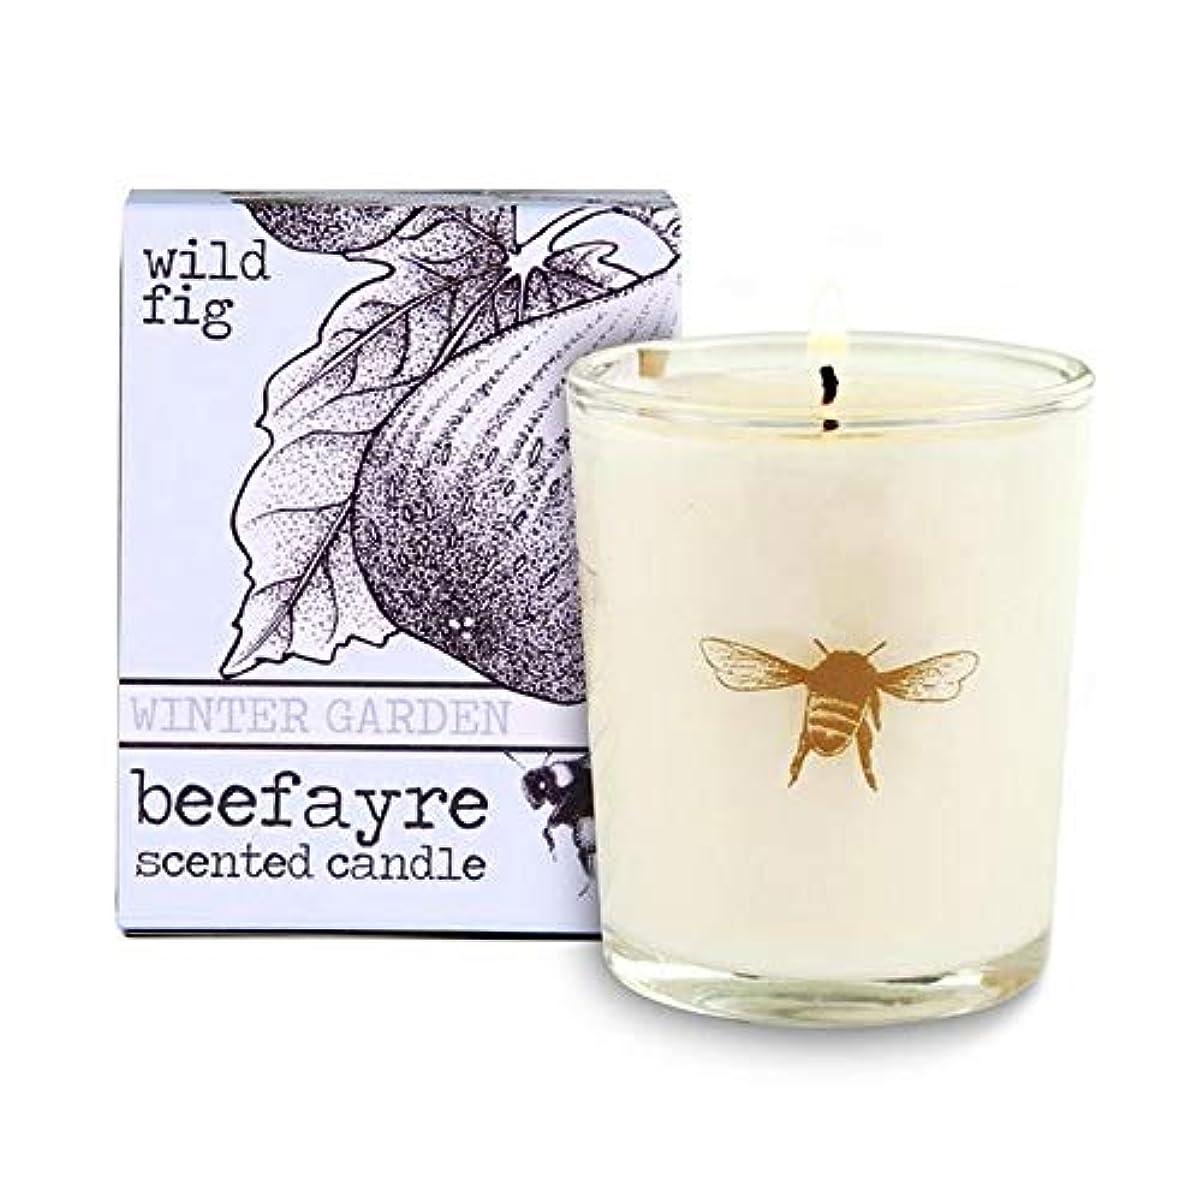 後世ヒント朝食を食べる[Beefayre] 野生のイチジク小さな香りのキャンドルBeefayre - Beefayre Wild Fig Small Scented Candle [並行輸入品]